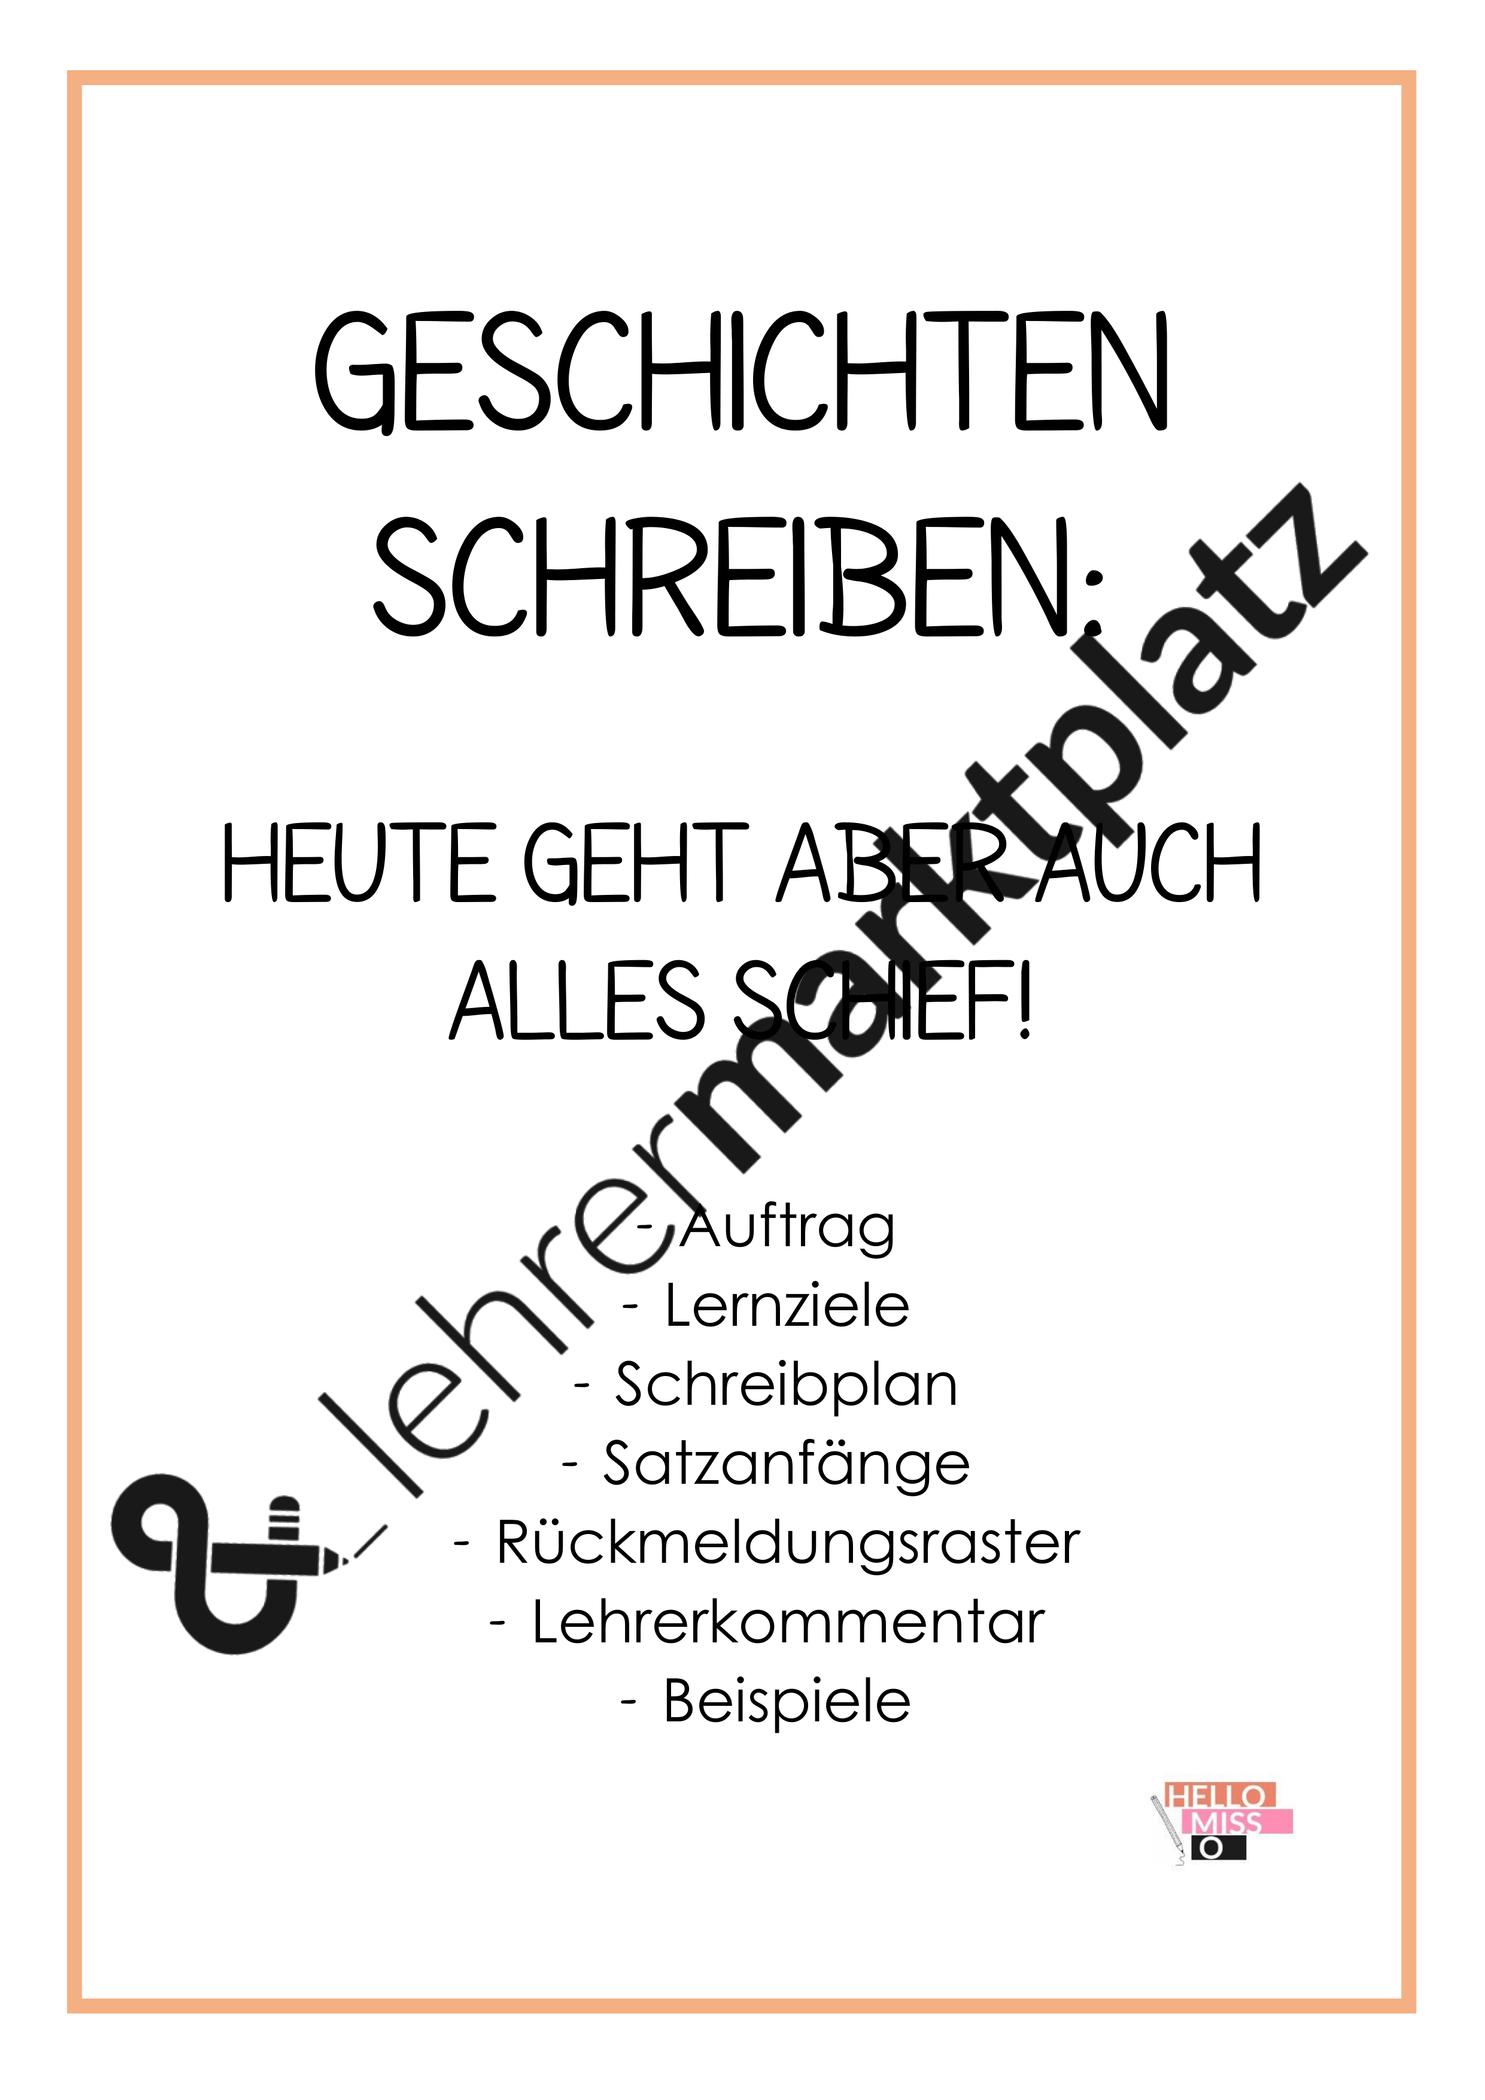 Geschichten Schreiben Heute Geht Aber Auch Alle Schief Unterrichtsmaterial Im Fach Deutsch In 2020 Geschichten Schreiben Buch Selber Schreiben Schreiben